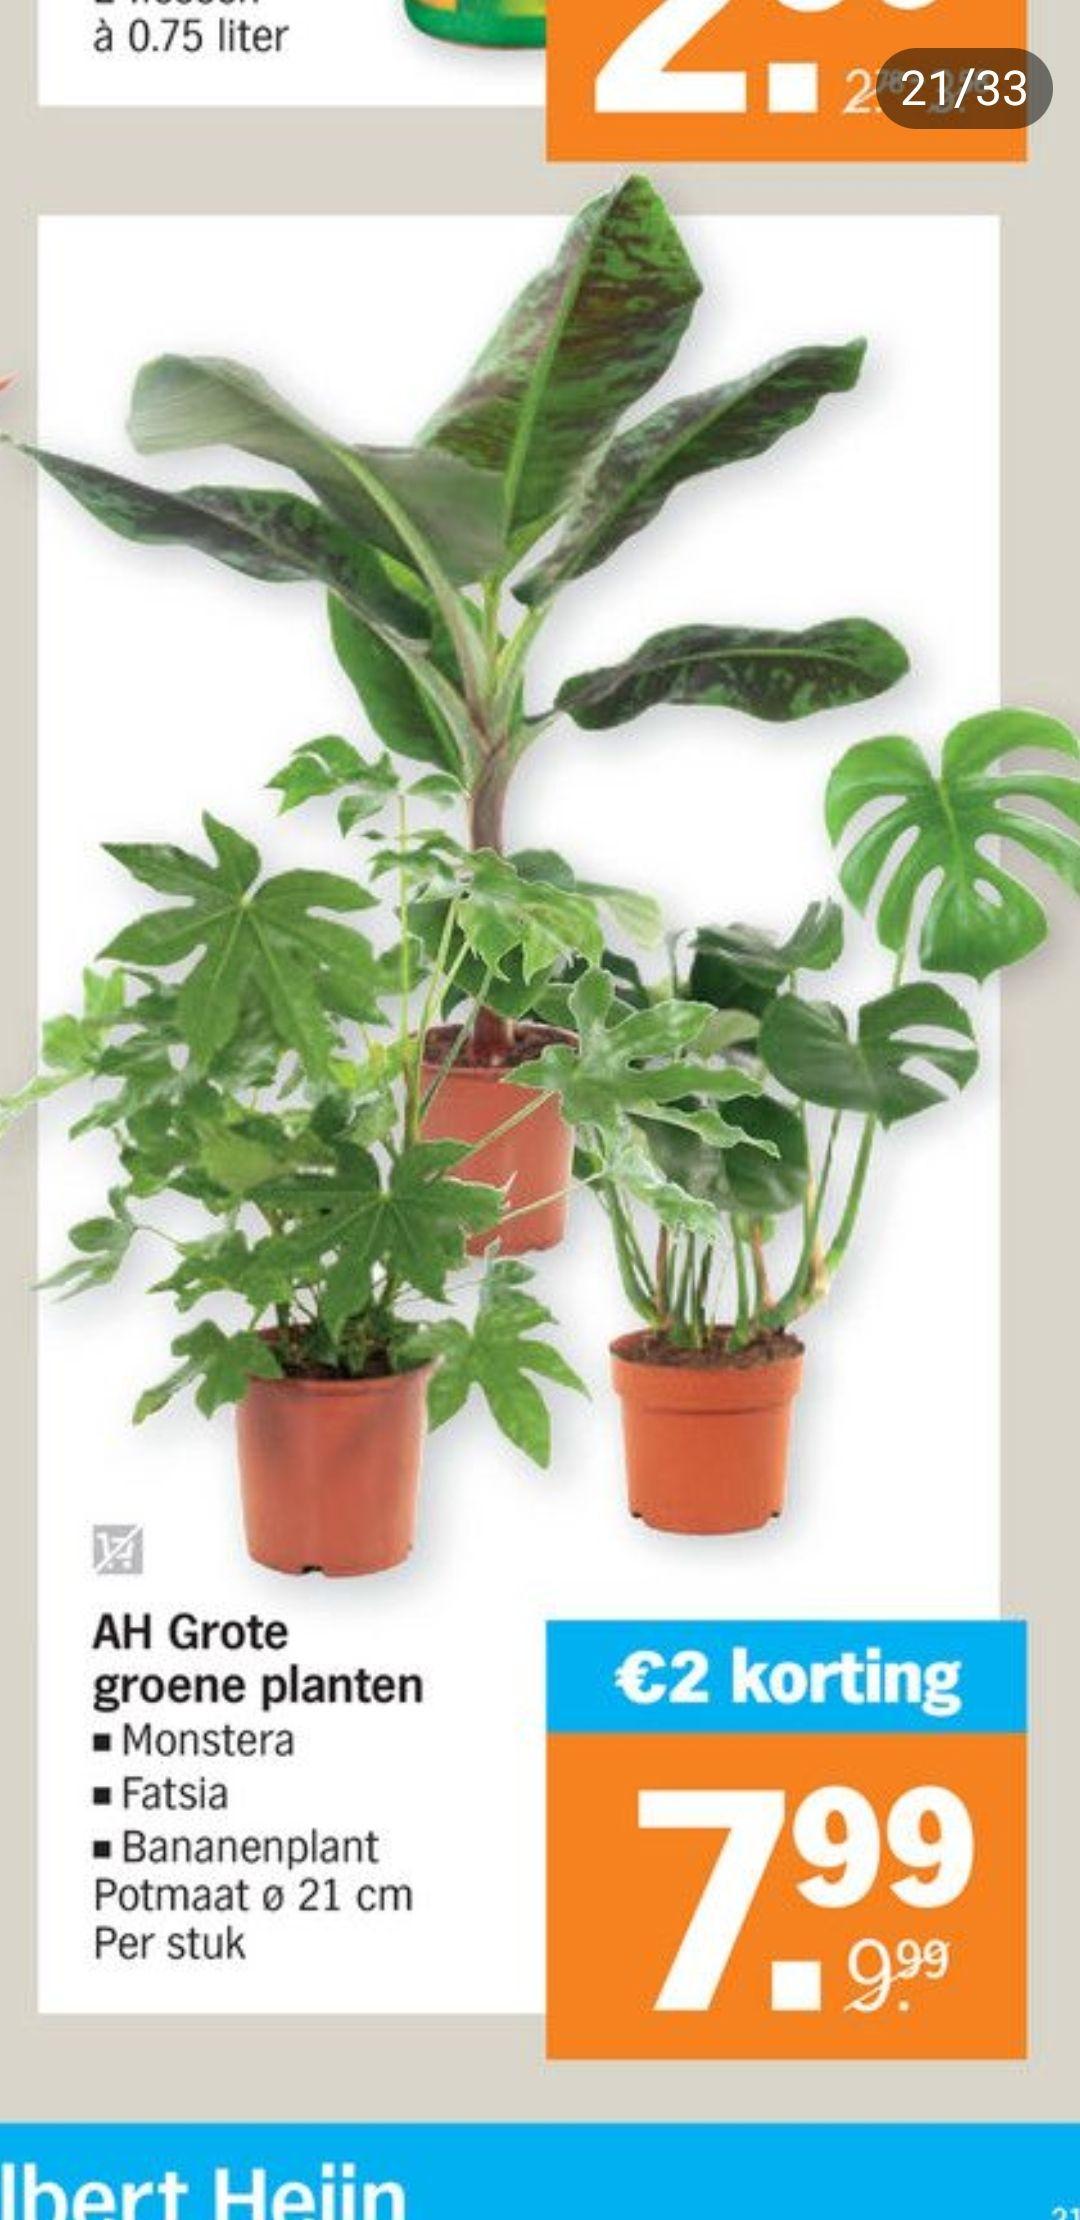 Grote groene planten bij AH